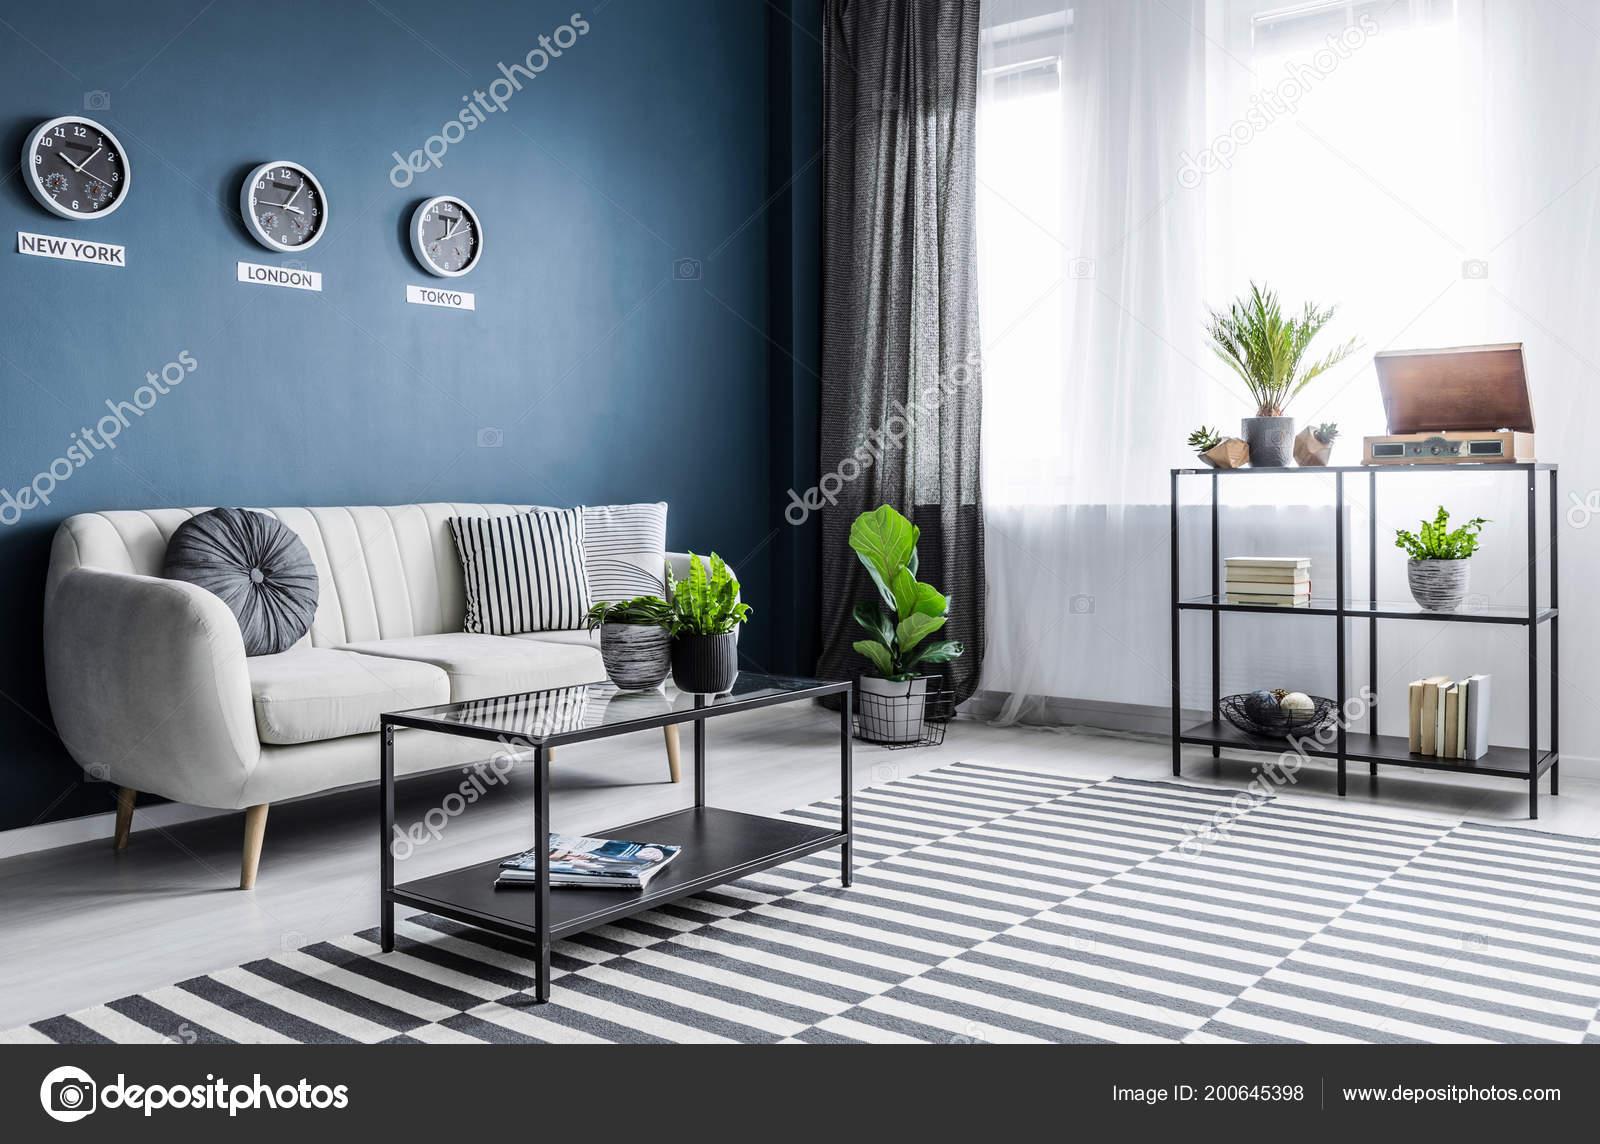 Plantes Tapis Motifs Dans Salon Bleu Lumineux Interieur Avec